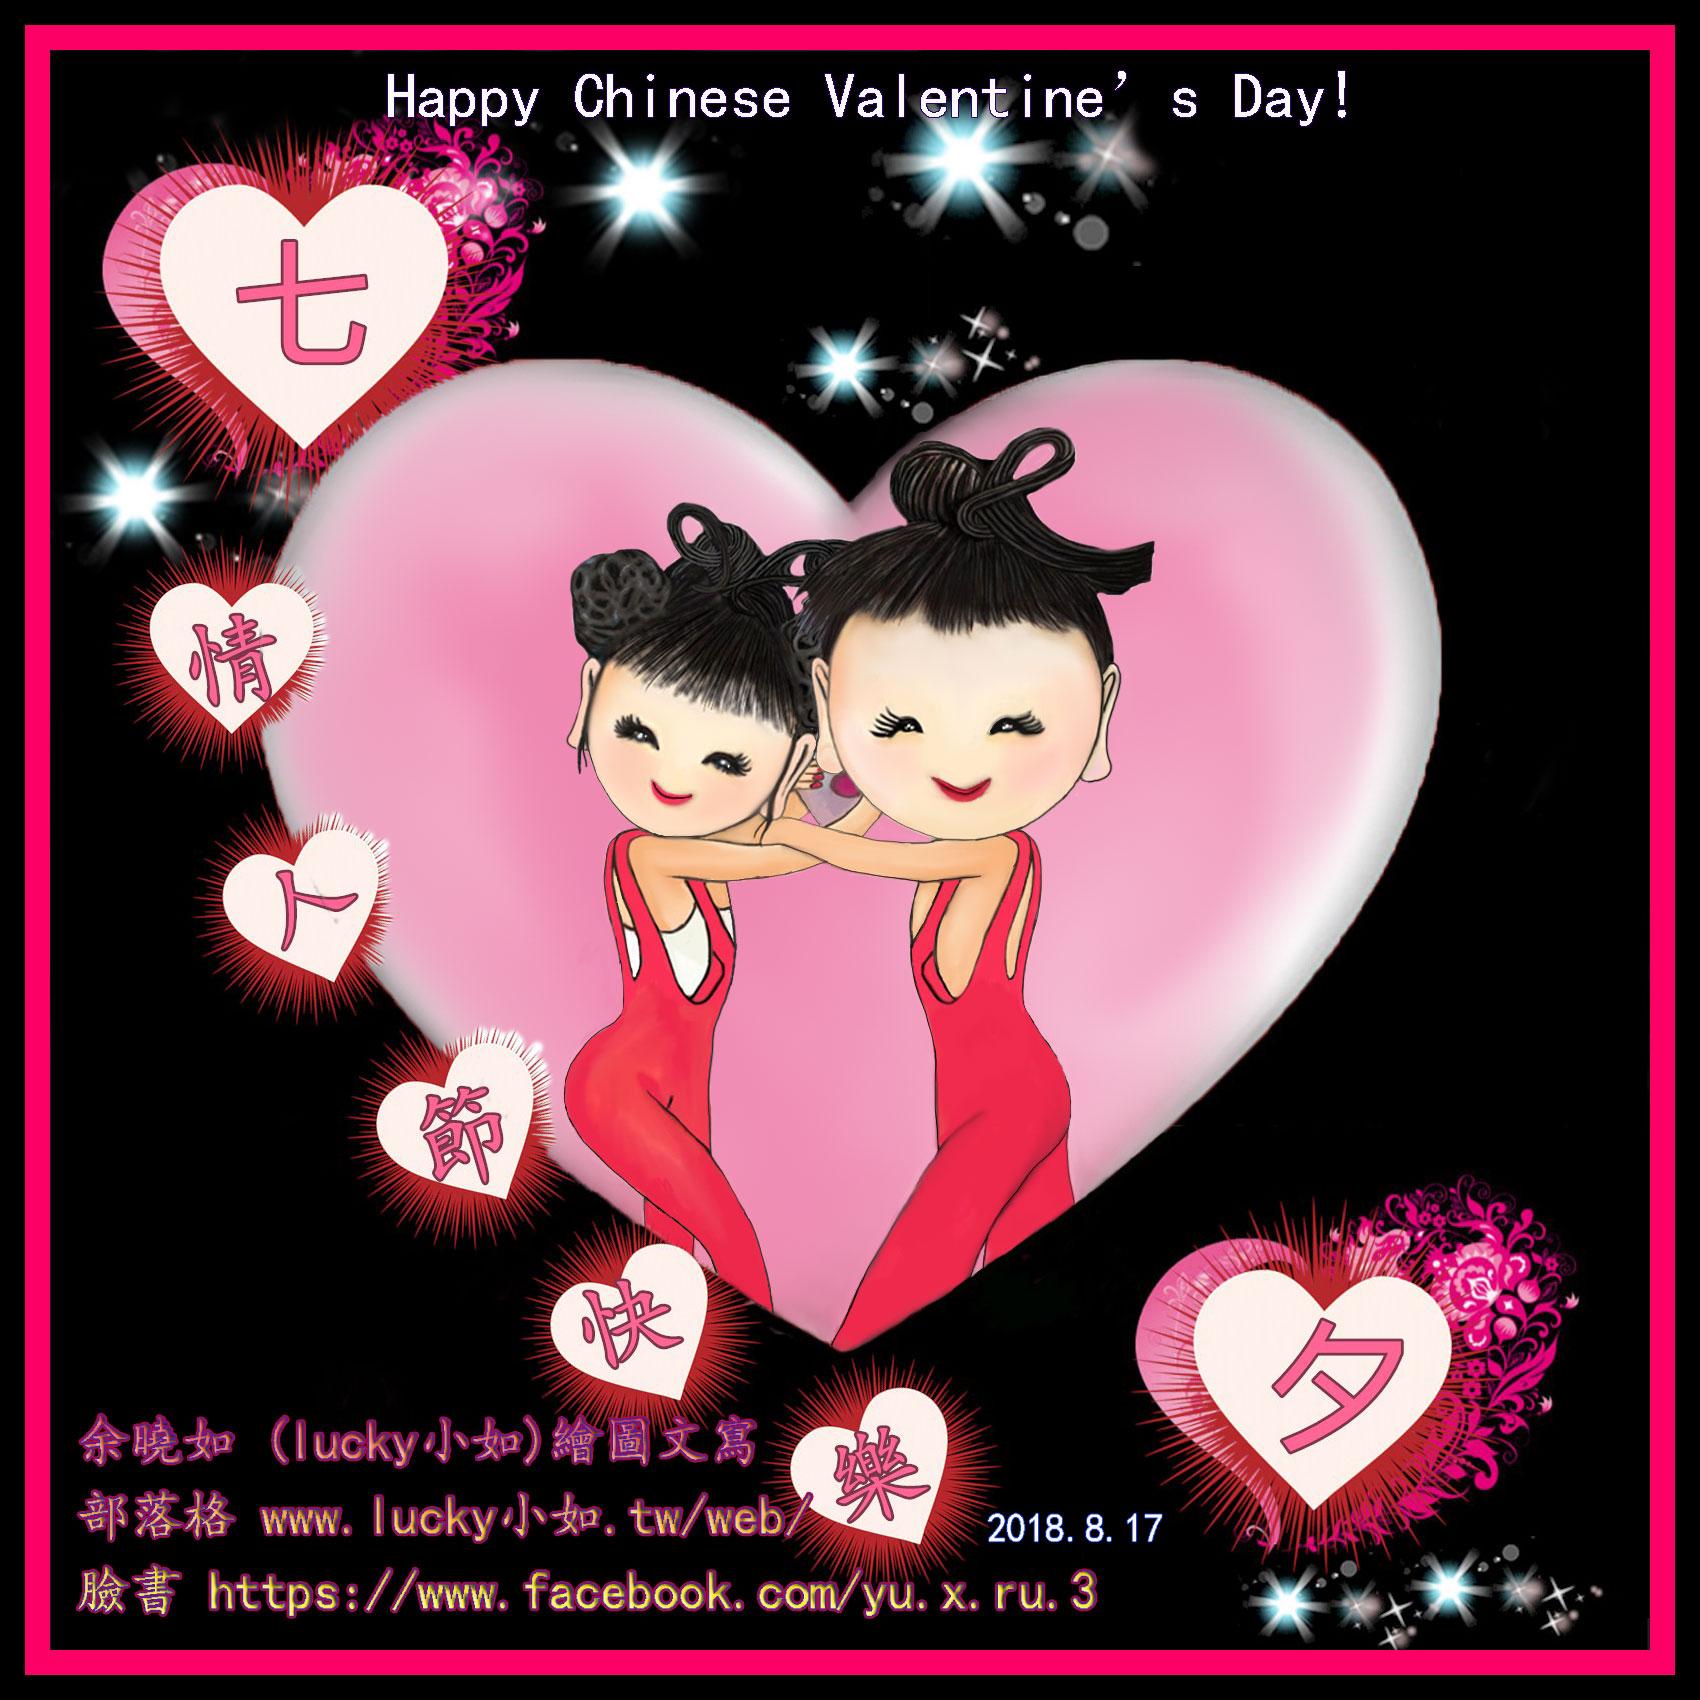 今天是 農曆七月七日是中國的情人節。  祝大家情人節快樂喔! Happy Chinese Valentine's Day!